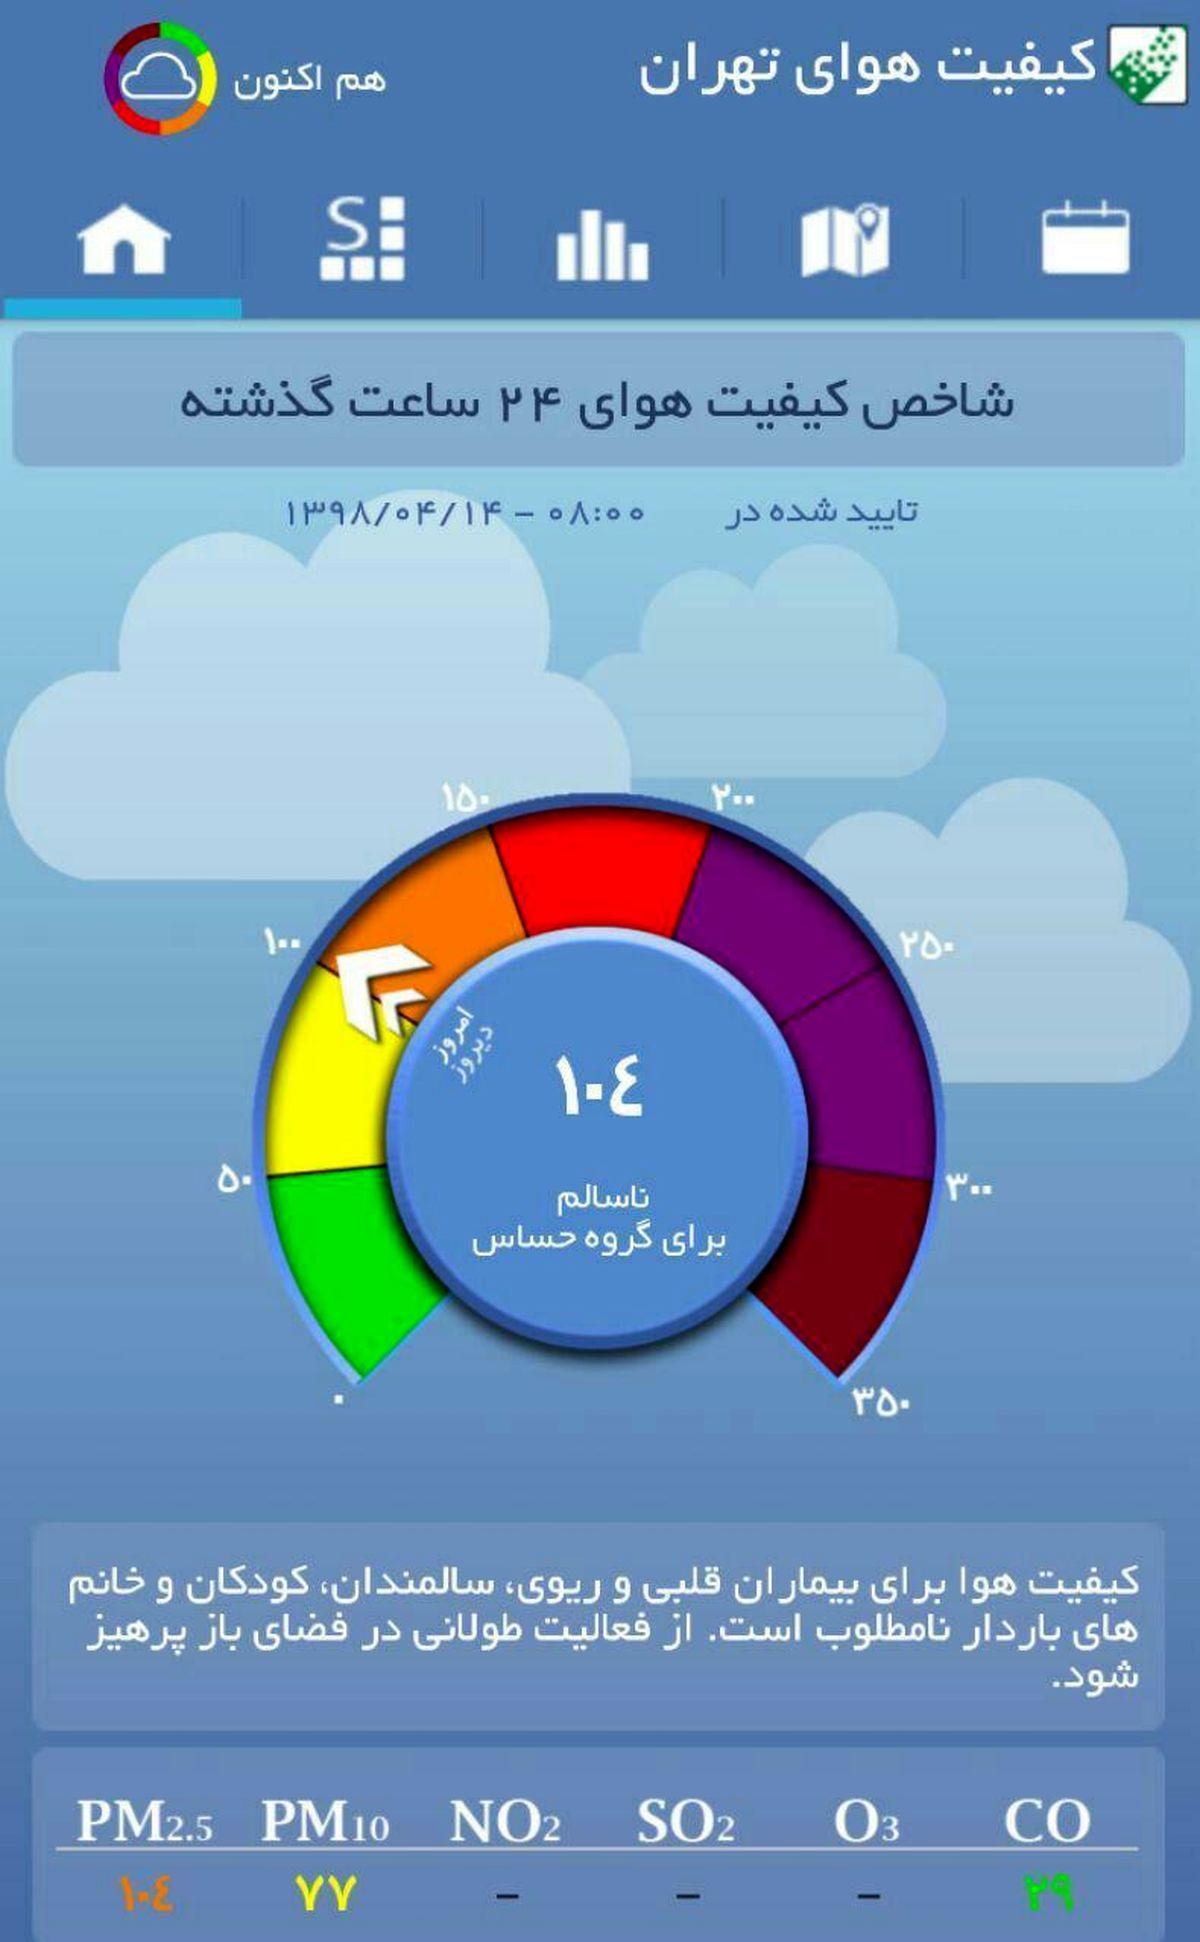 کیفیت هوای تهران با شاخص۱۰۴ در شرایط ناسالم